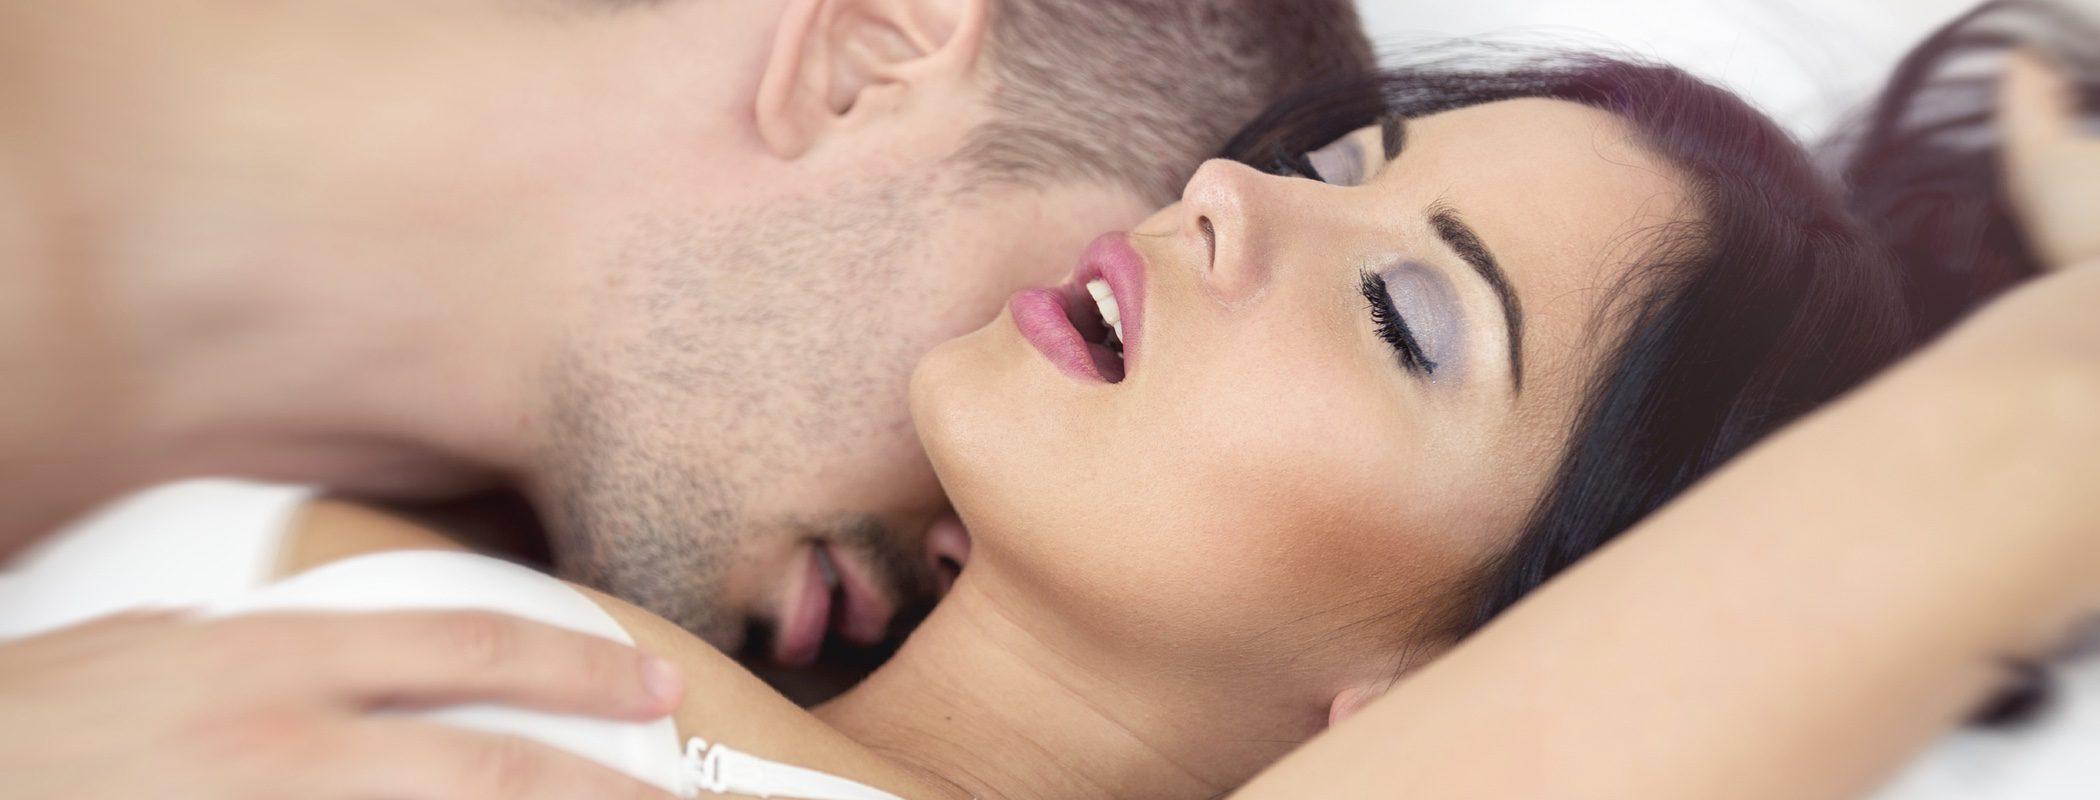 La eyaculación femenina